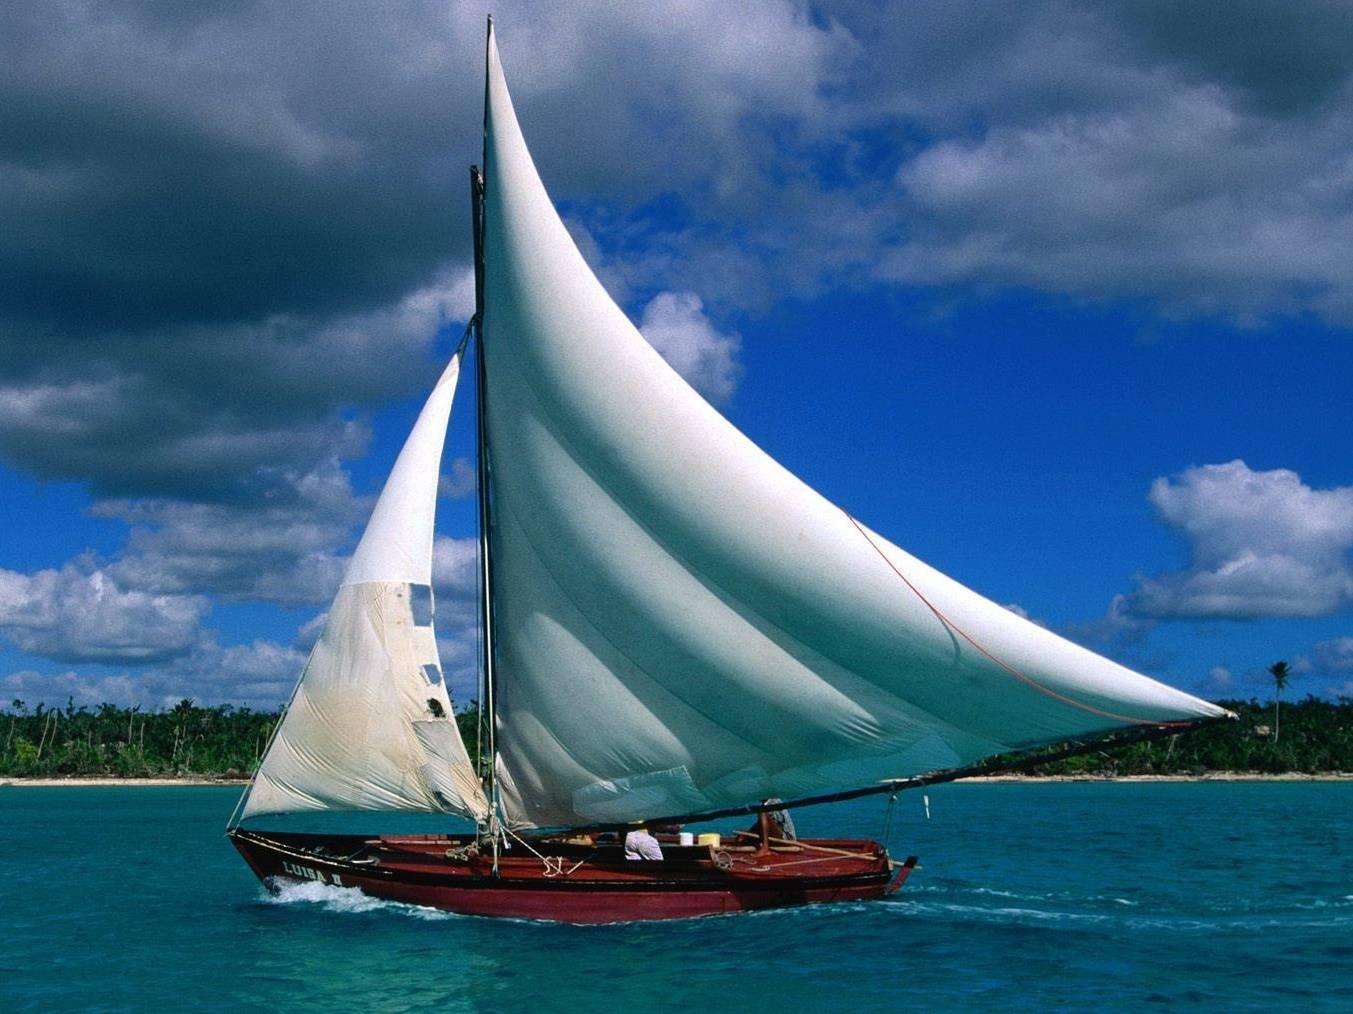 ветер надувает паруса картинка успешно